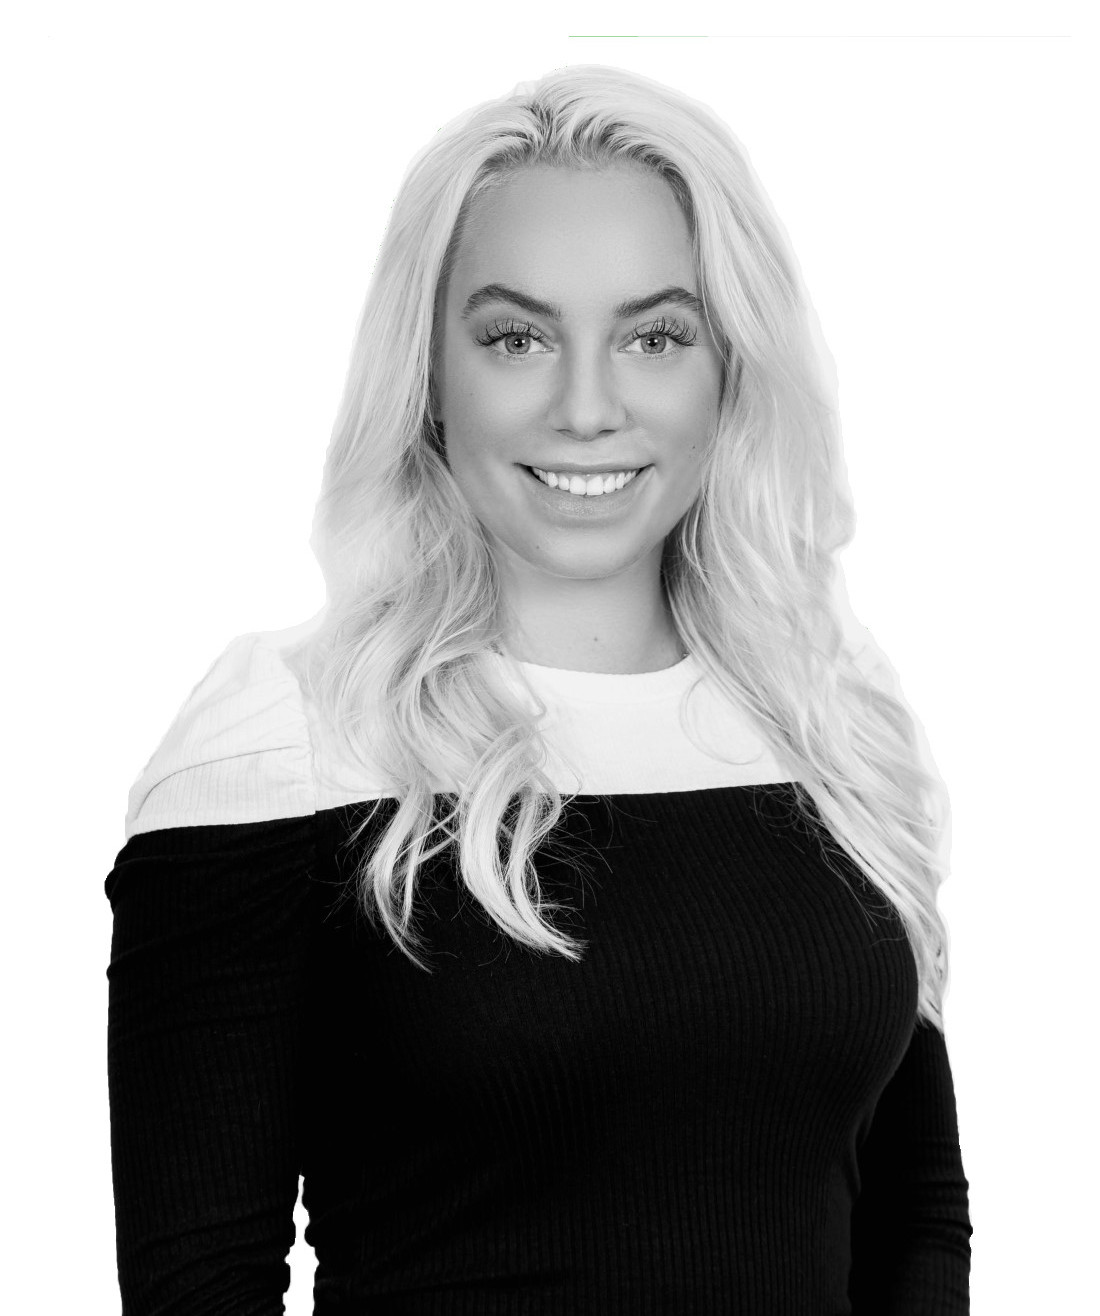 Madeleine Hultgren